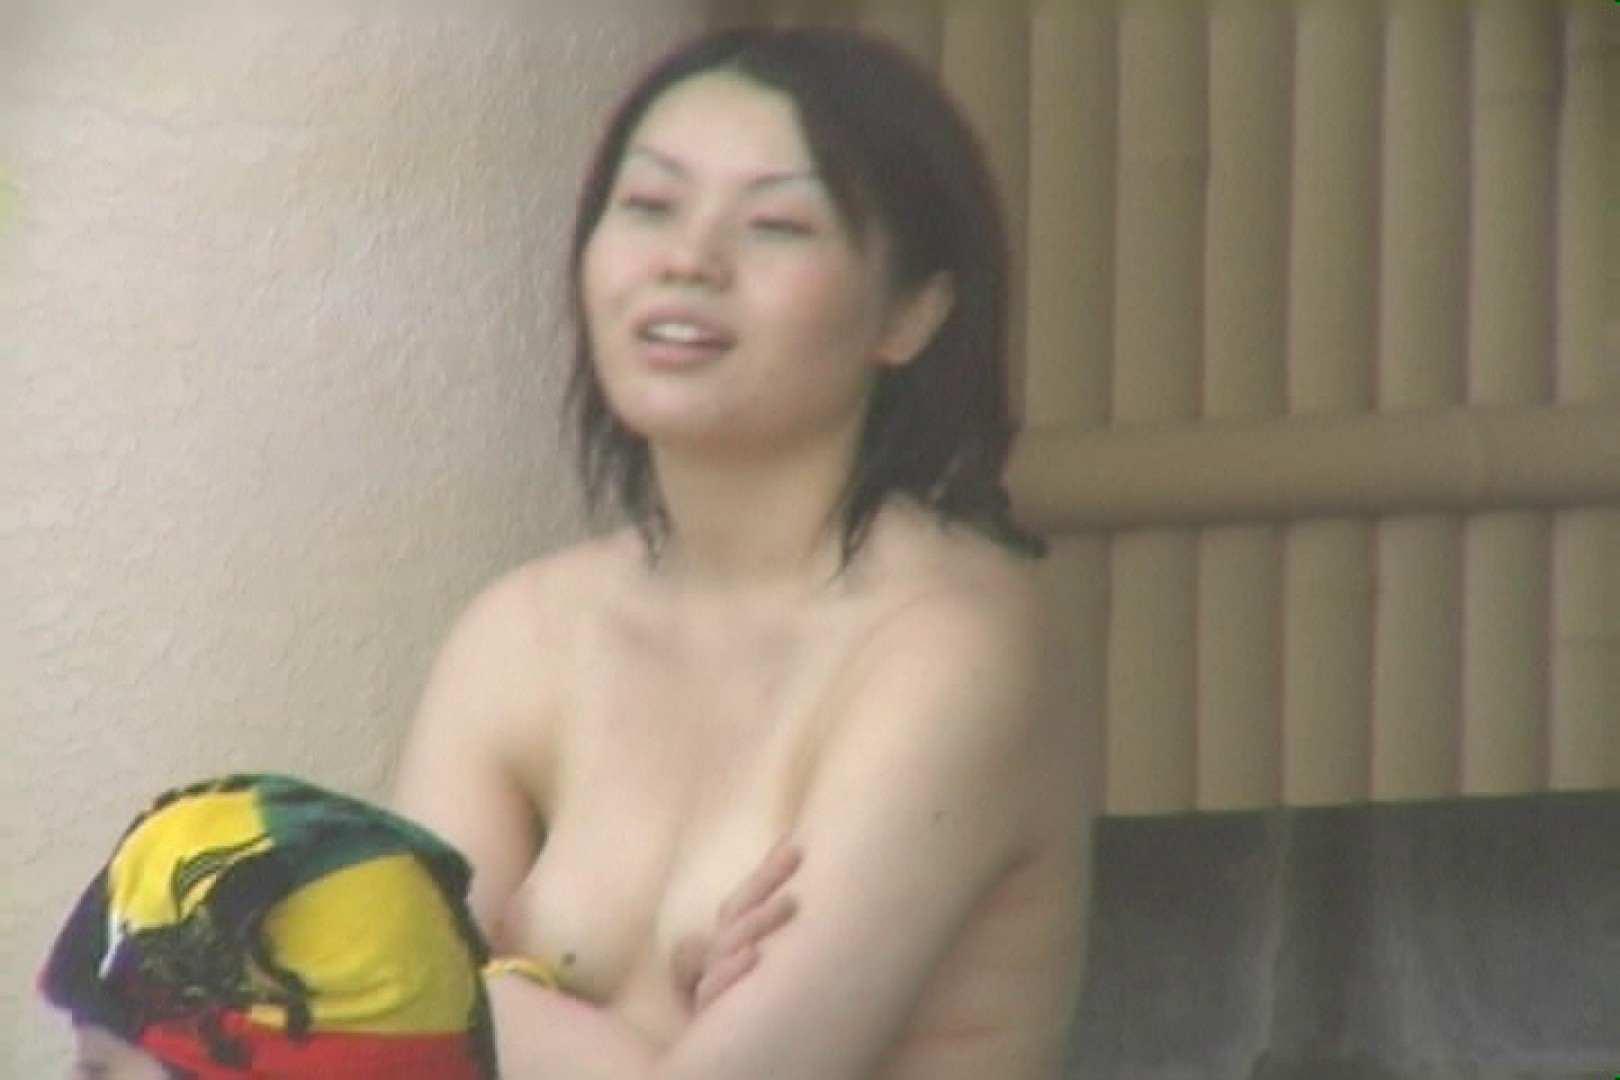 Aquaな露天風呂Vol.61【VIP限定】 女体盗撮 隠し撮りおまんこ動画流出 102連発 77